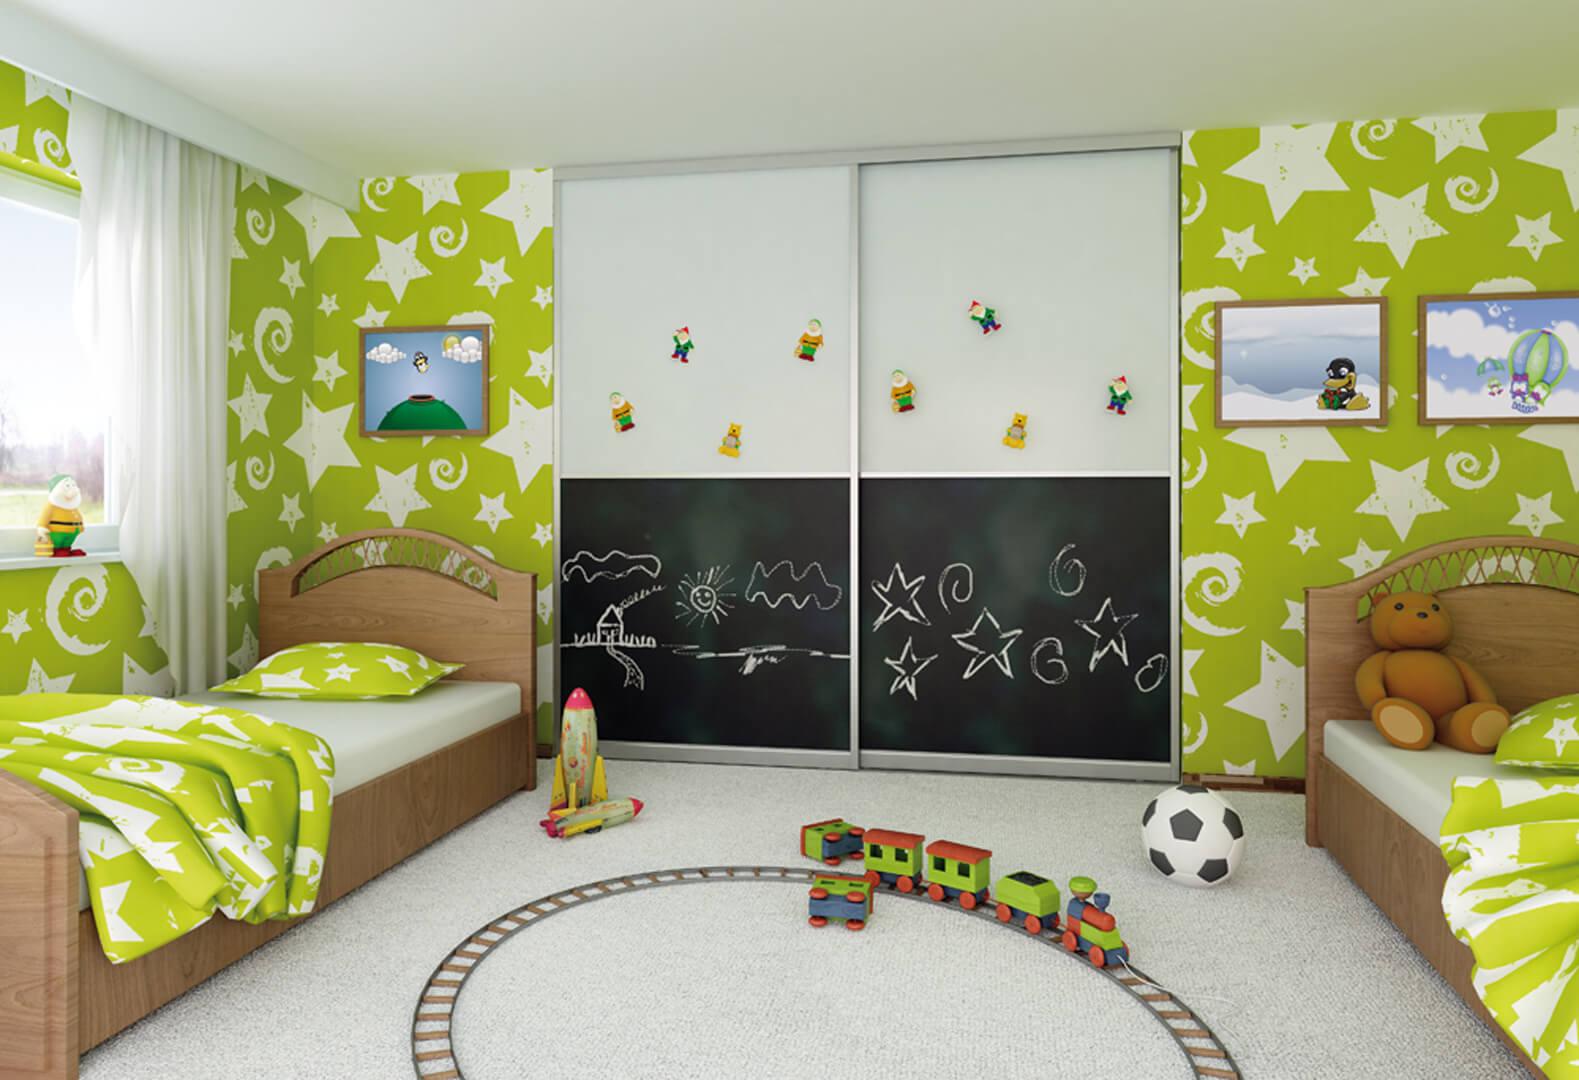 Drzwi przesuwne z możliwością rysowania do pokoju dziecięcego